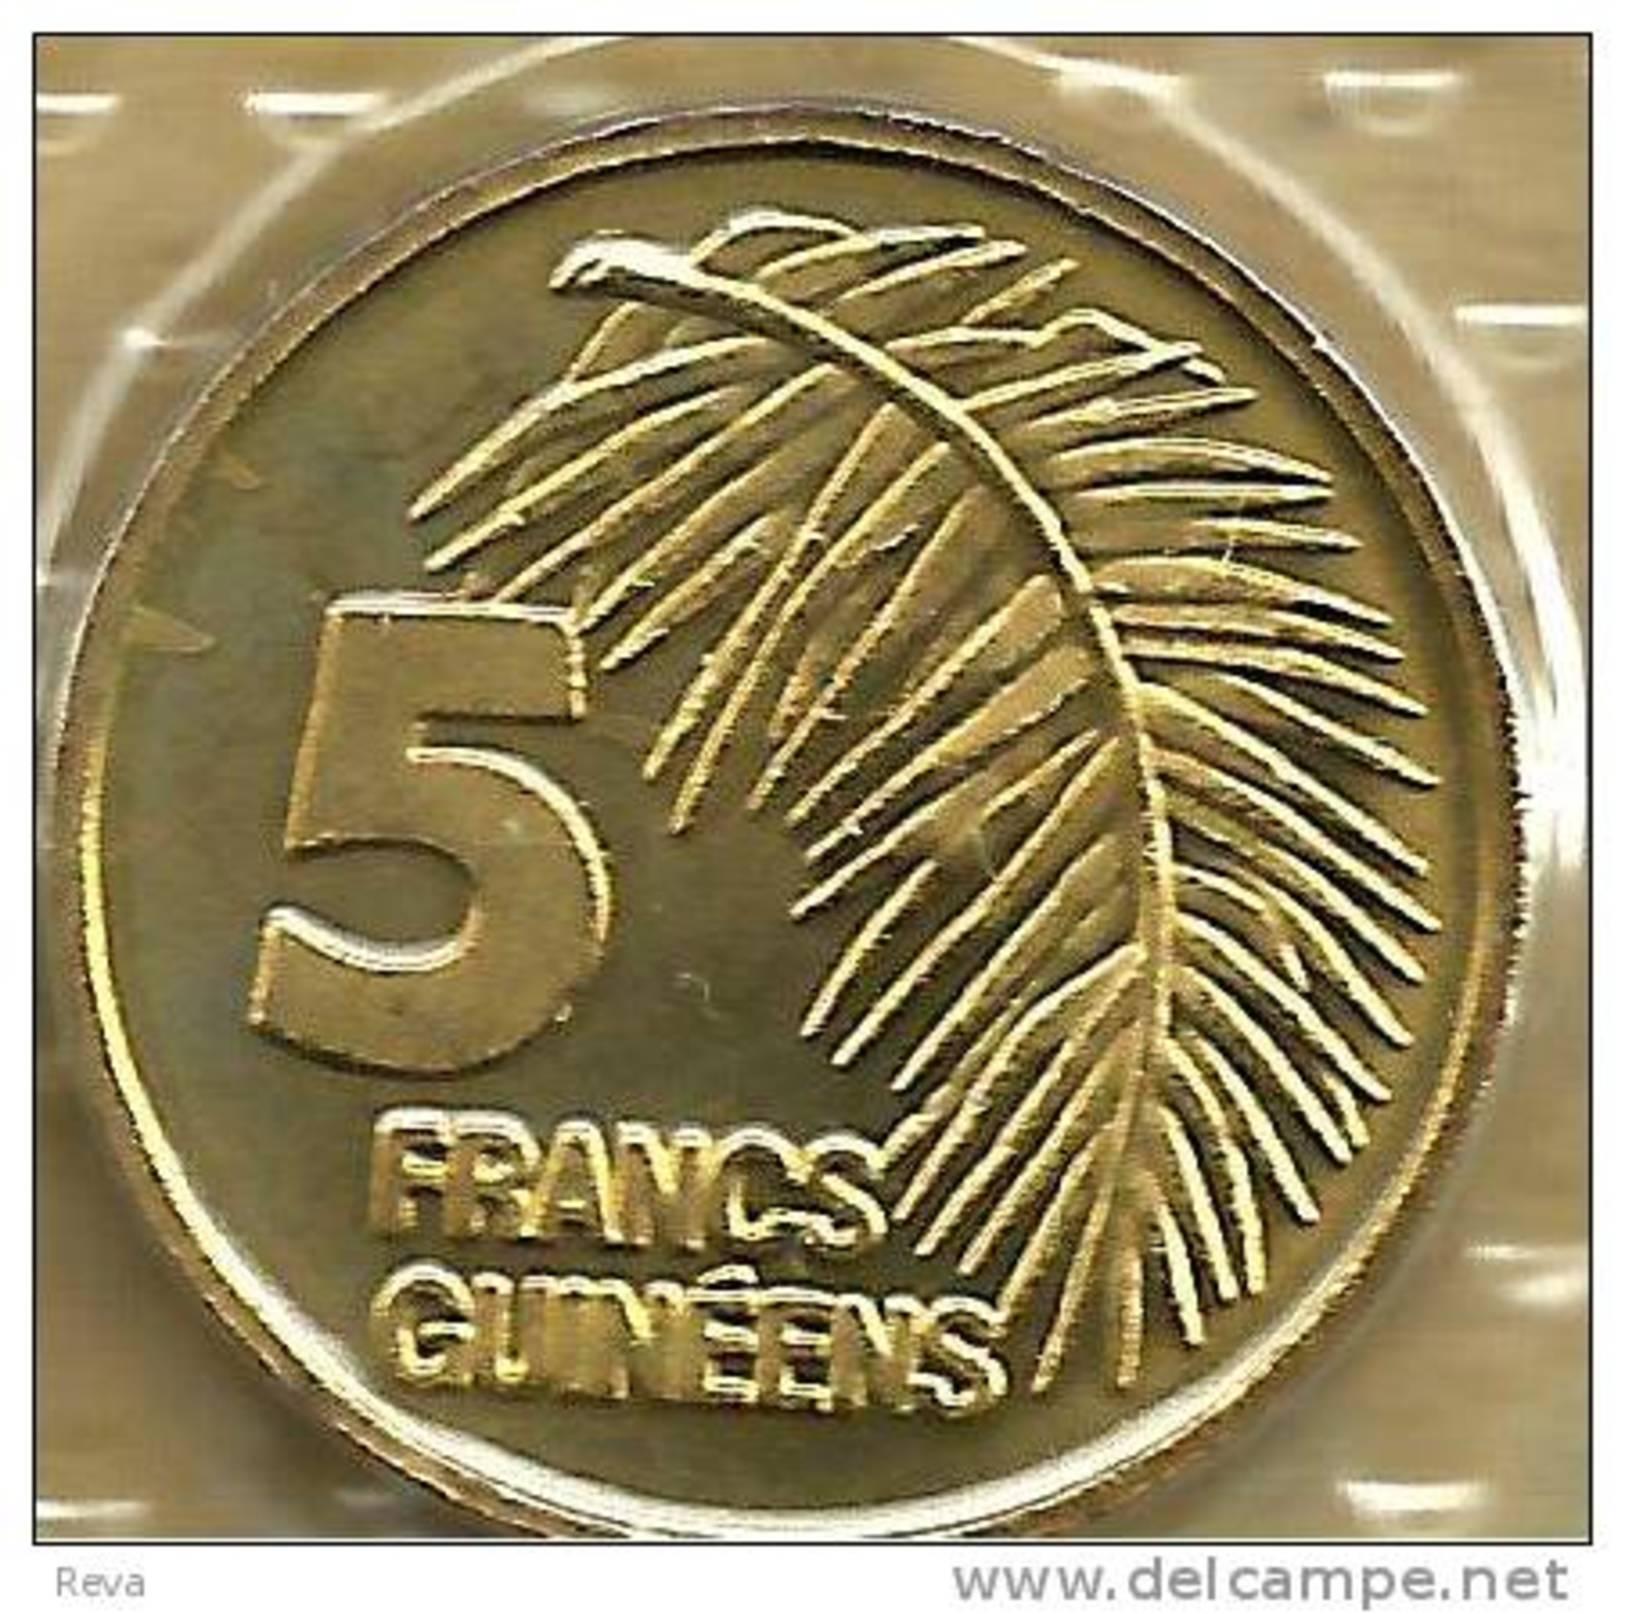 GUINEA 5 FRANCS PLANT FRONT EMBLEM BACK 1985  KM57(?) UNC READ DESCRIPTION CAREFULLY !!! - Guinea